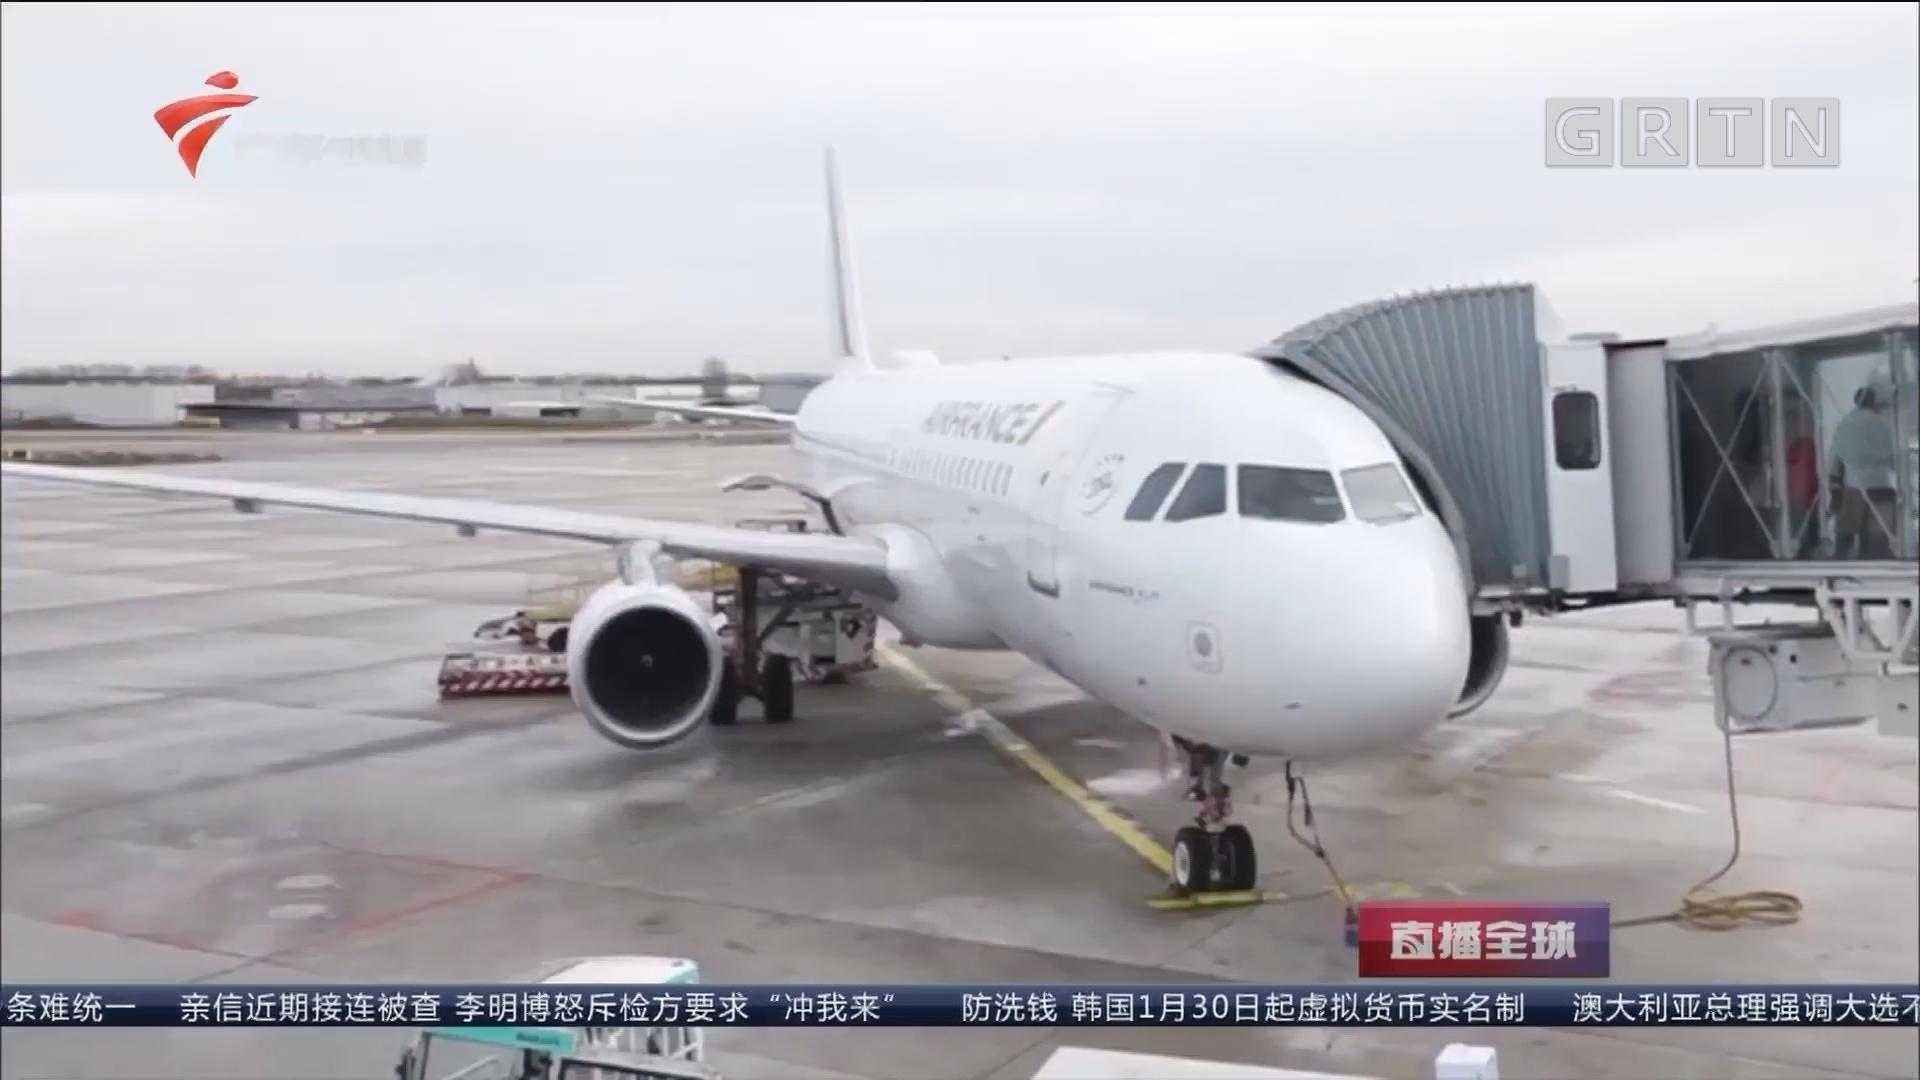 全球化的机载WIFI:国际航空公司WiFi覆盖各有差异